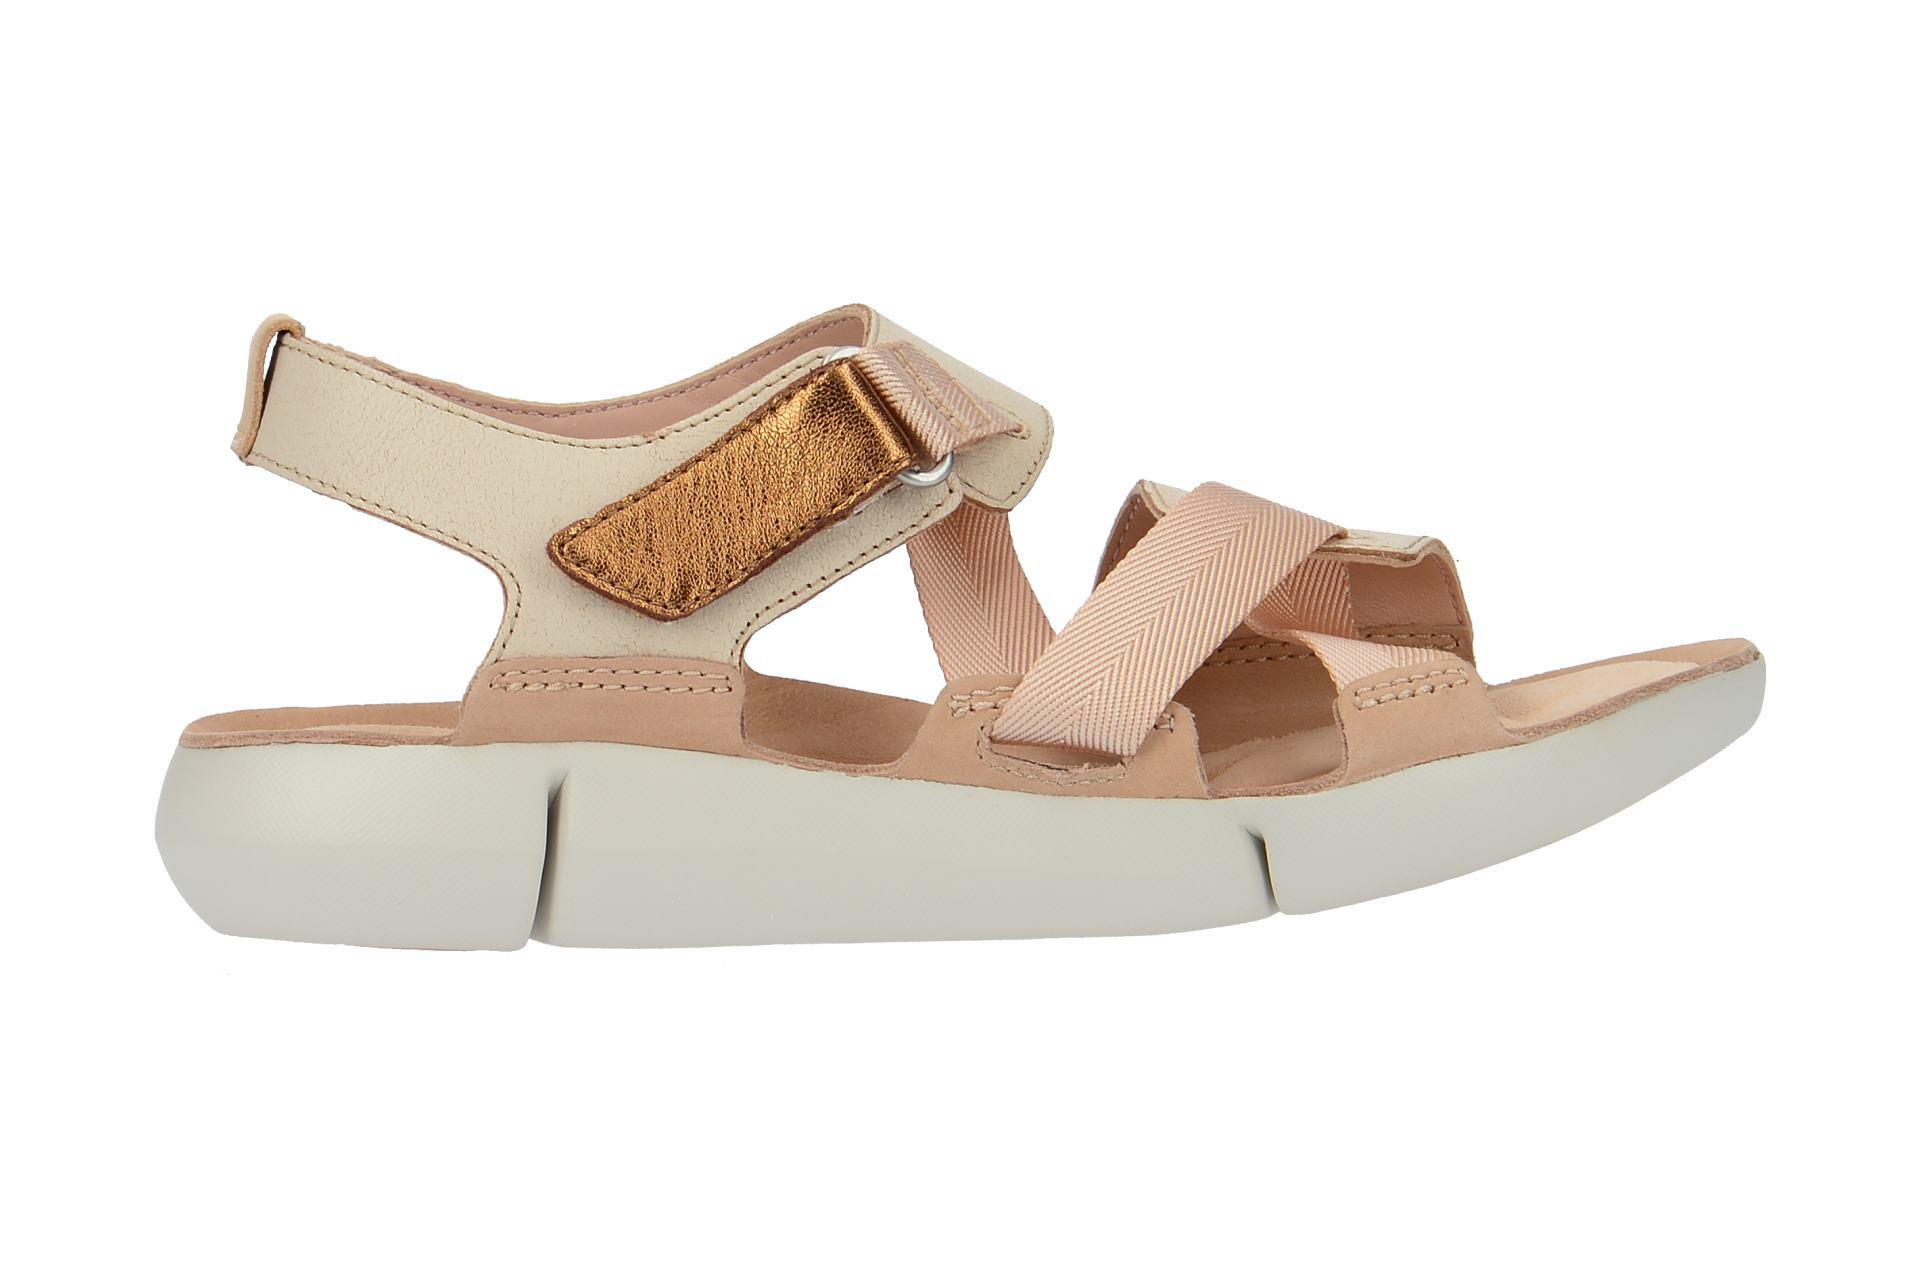 Clarks TRI CLOVER Sandalette für Damen in beige - 26131275 4 2oKIjFrvj5